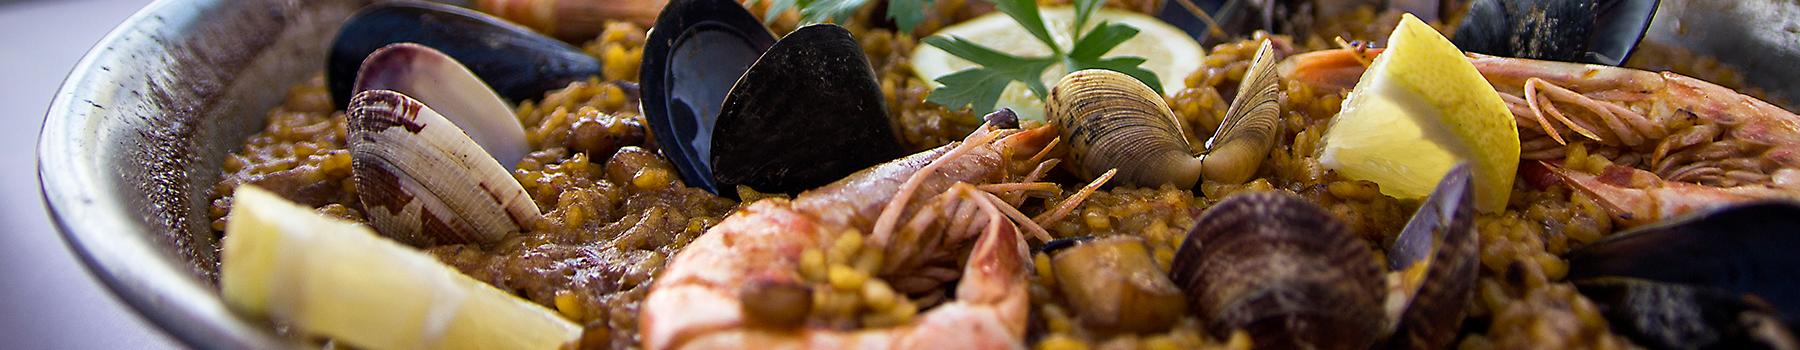 Festes i jornades gastronòmiques a l'Ampolla